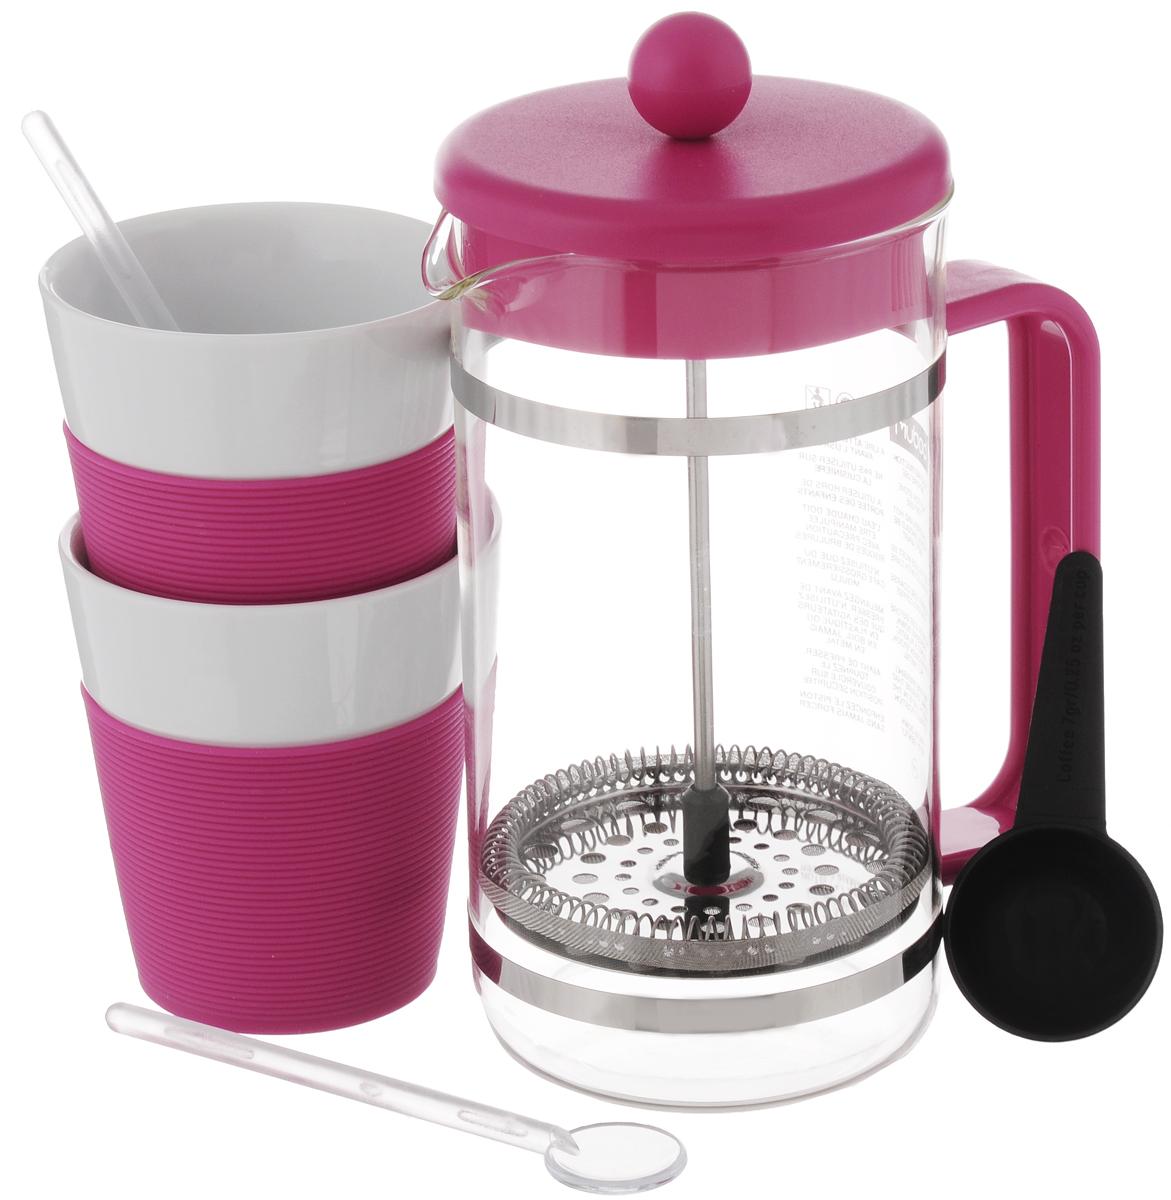 Набор кофейный Bodum Bistro, цвет: розовый, прозрачный, белый, 6 предметов. AK1508AK1508-634-Y15/AK1508-XY-Y15Кофейный набор Bodum Bistro состоит из чайника френч-пресса, 2 стаканов, 2 ложек и мерной ложки. Френч-пресс выполнен из высококачественного жаропрочного стекла, нержавеющей стали и пластика. Френч-пресс - это заварочный чайник, который поможет быстро приготовить вкусный и ароматный чай или кофе. Металлический нержавеющий фильтр задерживает чайные листочки и частички зерен кофе. Засыпая чайную заварку или кофе под фильтр, заливая горячей водой, вы получаете ароматный напиток с оптимальной крепостью и насыщенностью. Остановить процесс заваривания легко, для этого нужно просто опустить поршень, и все уйдет вниз, оставляя сверху напиток, готовый к употреблению. Элегантные стаканы выполнены из высококачественного фарфора и оснащены резиновой вставкой, защищающей ваши руки от высоких температур. Ложки изготовлены из пластика. Яркий и стильный набор украсит стол к чаепитию и станет чудесным подарком к любому случаю. Изделия можно мыть в посудомоечной машине.Объем френч-пресса: 1 л. Диаметр френч-пресса (по верхнему краю): 10 см. Высота френч-пресса: 21,5 см. Объем стакана: 300 мл. Диаметр стакана по верхнему краю: 8,5 см. Высота стакана: 10 см. Длина мерной ложки: 10 см.Длина ложек: 14 см.